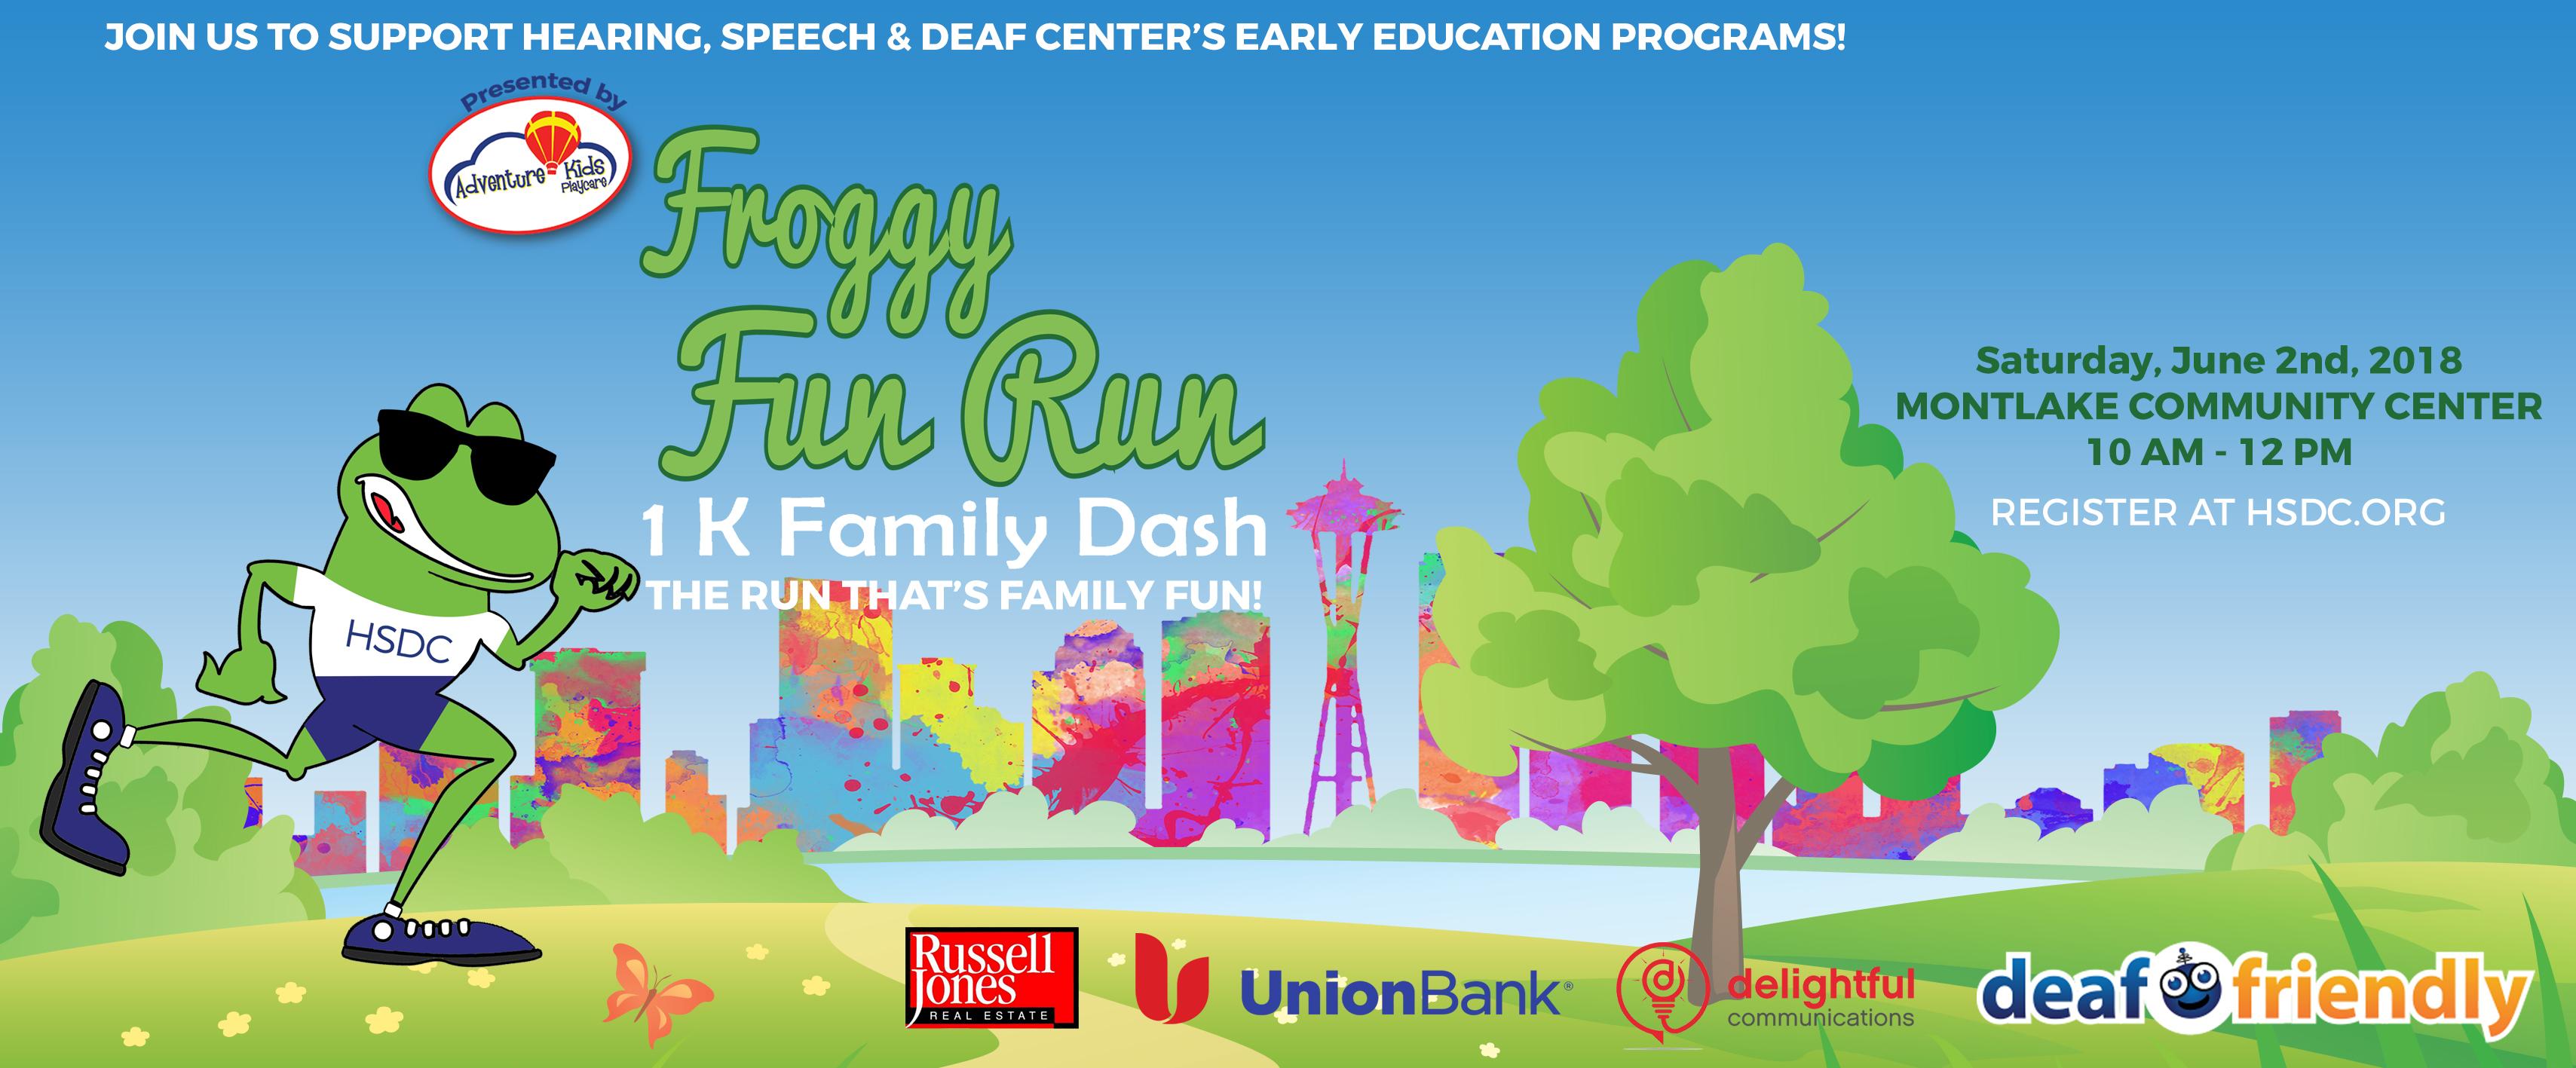 Froggy Fun Run 2018 Hearing Speech Deaf Center